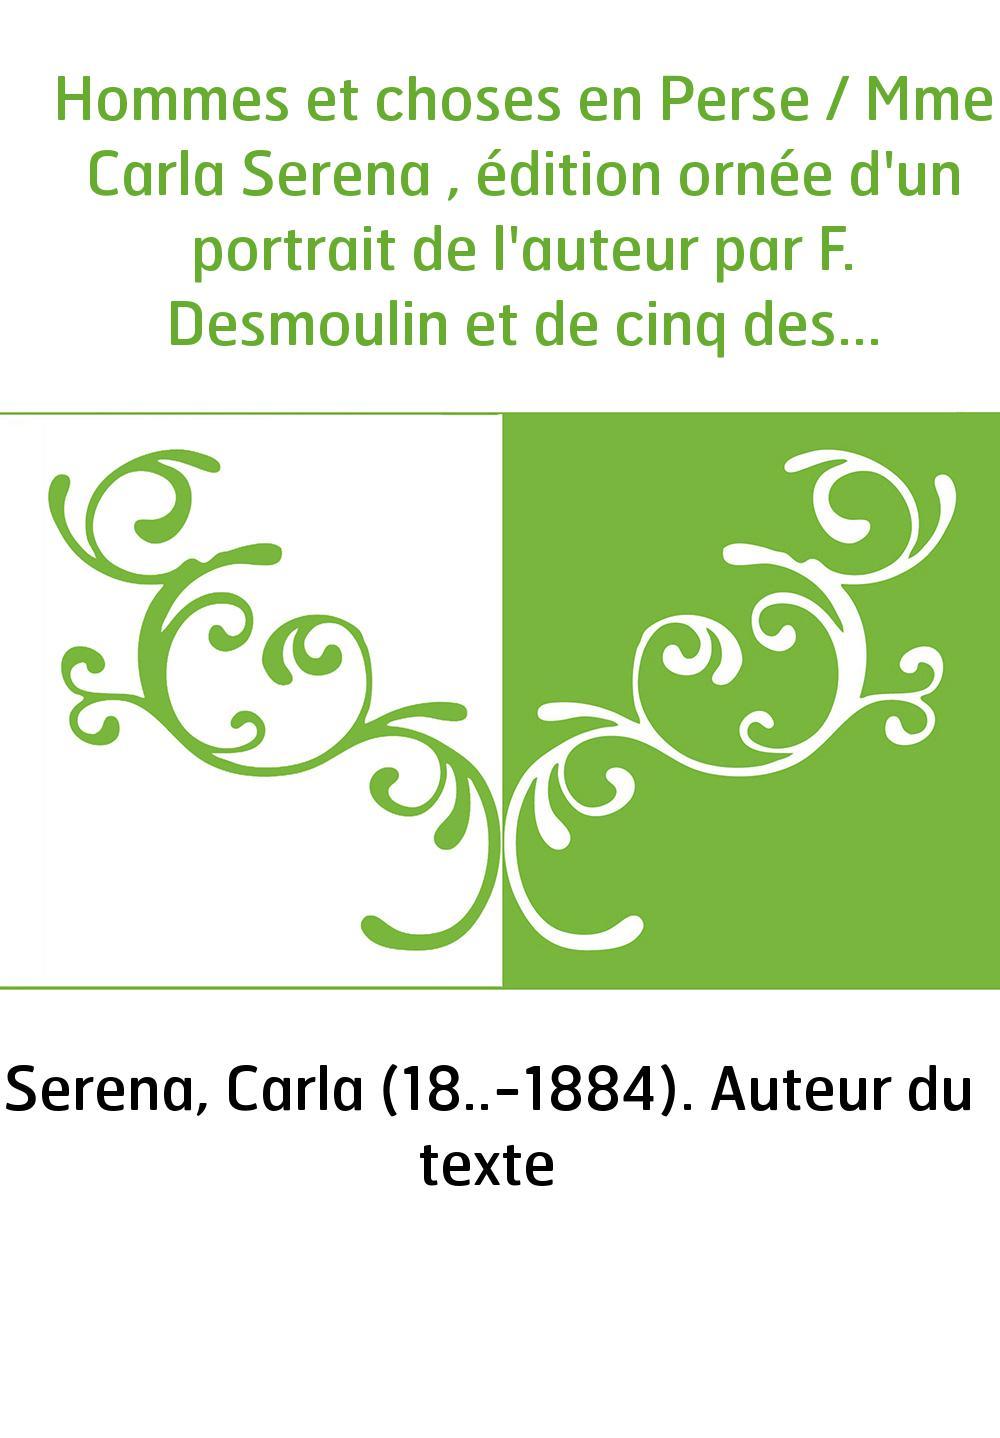 Hommes et choses en Perse / Mme Carla Serena , édition ornée d'un portrait de l'auteur par F. Desmoulin et de cinq dessins par C